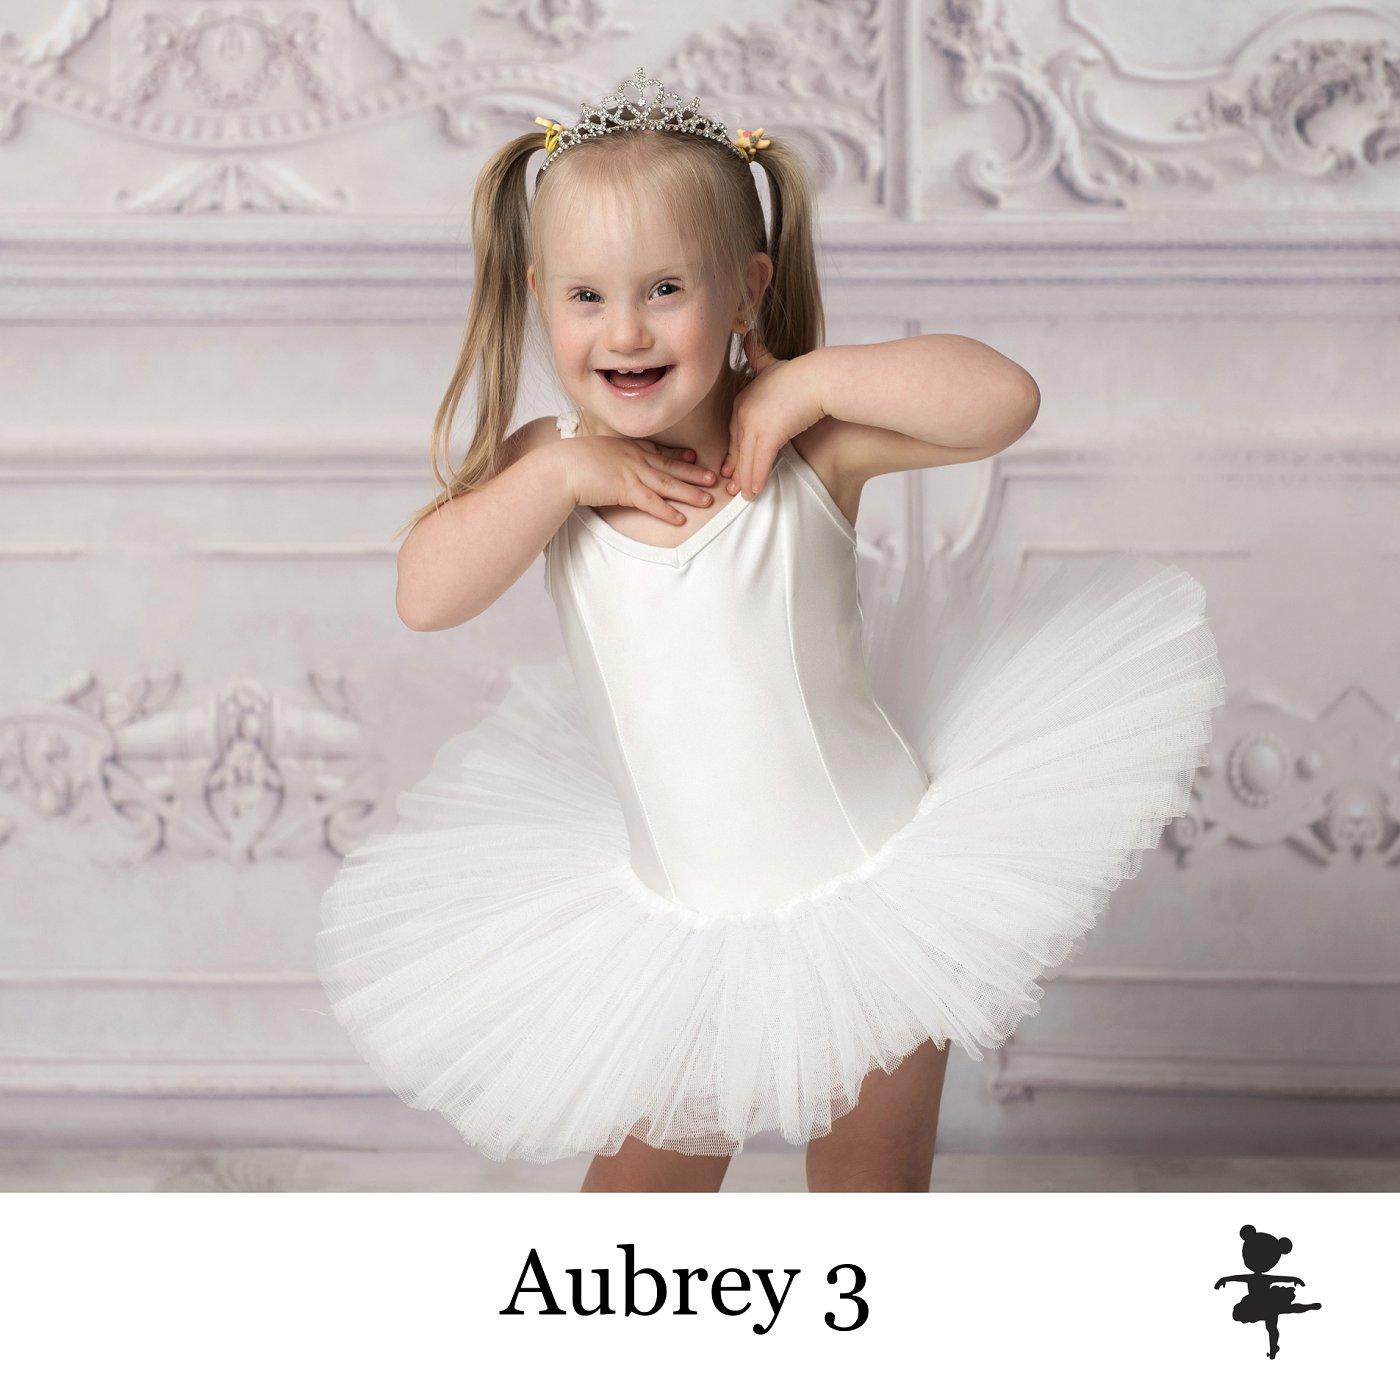 LB7219- Aubrey 3.jpg